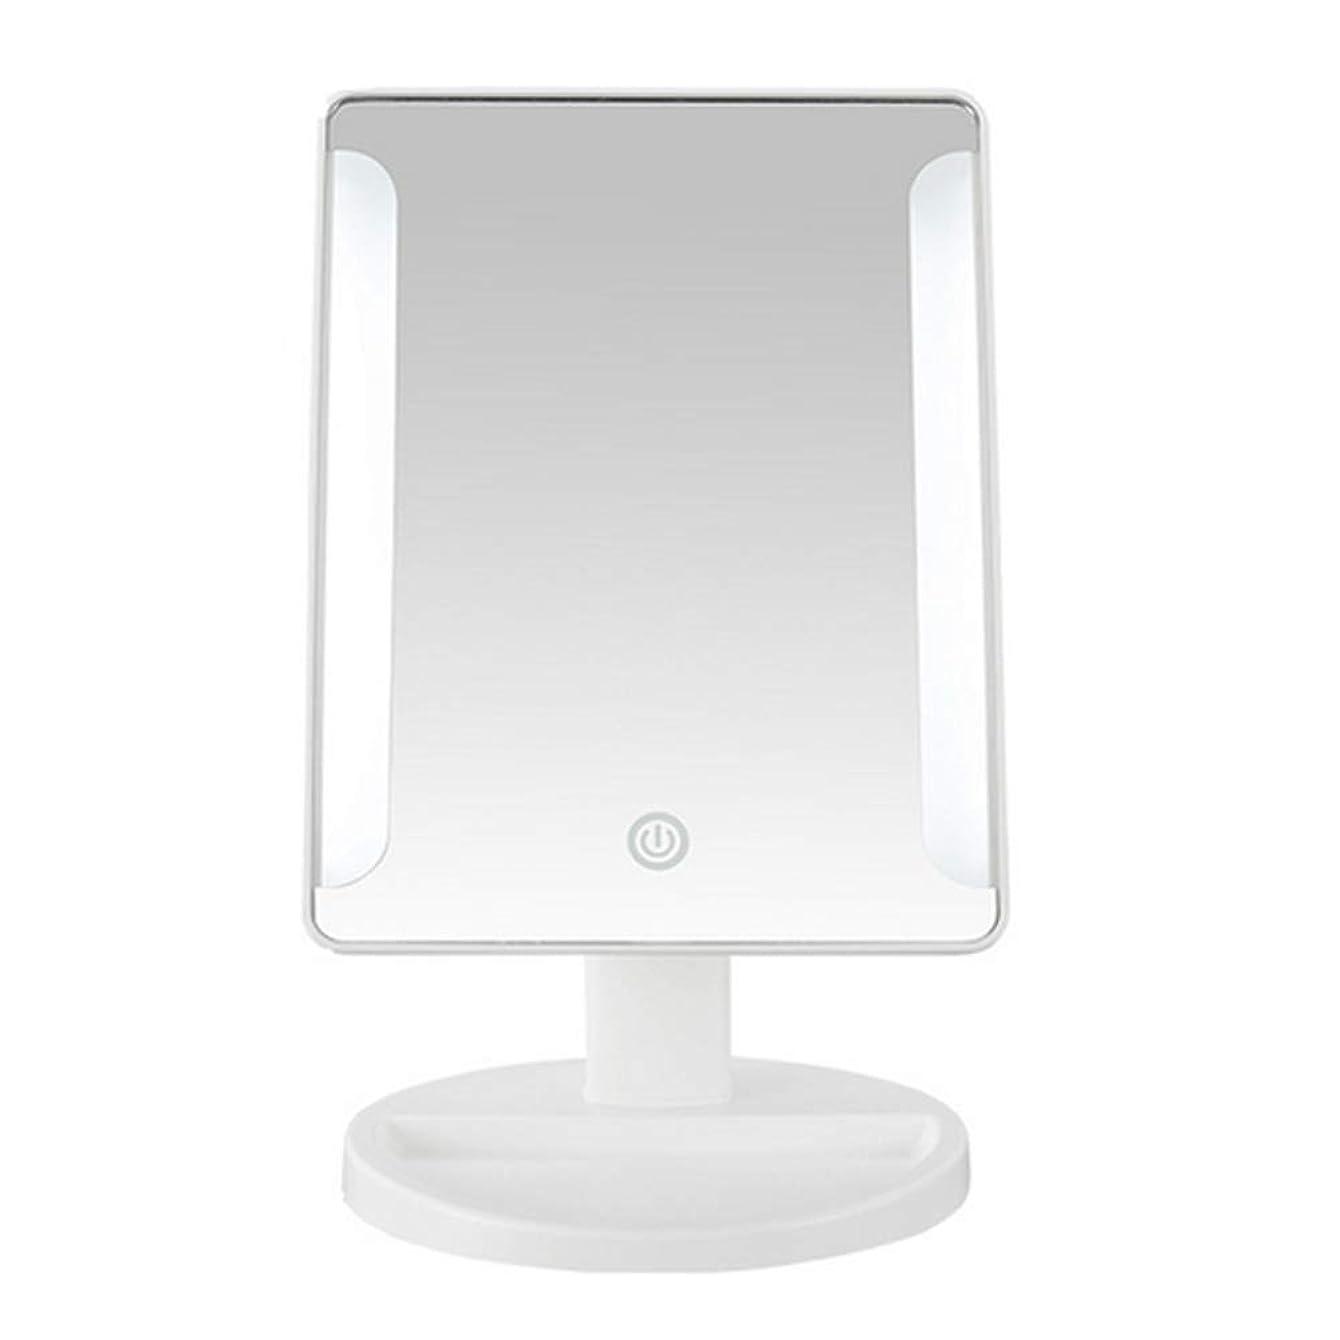 漏れダース請うLEDタッチスクリーンバニティミラー、180度回転できるポータブル卓上10X虫眼鏡は、シェービングとフェイシャルに使用できます